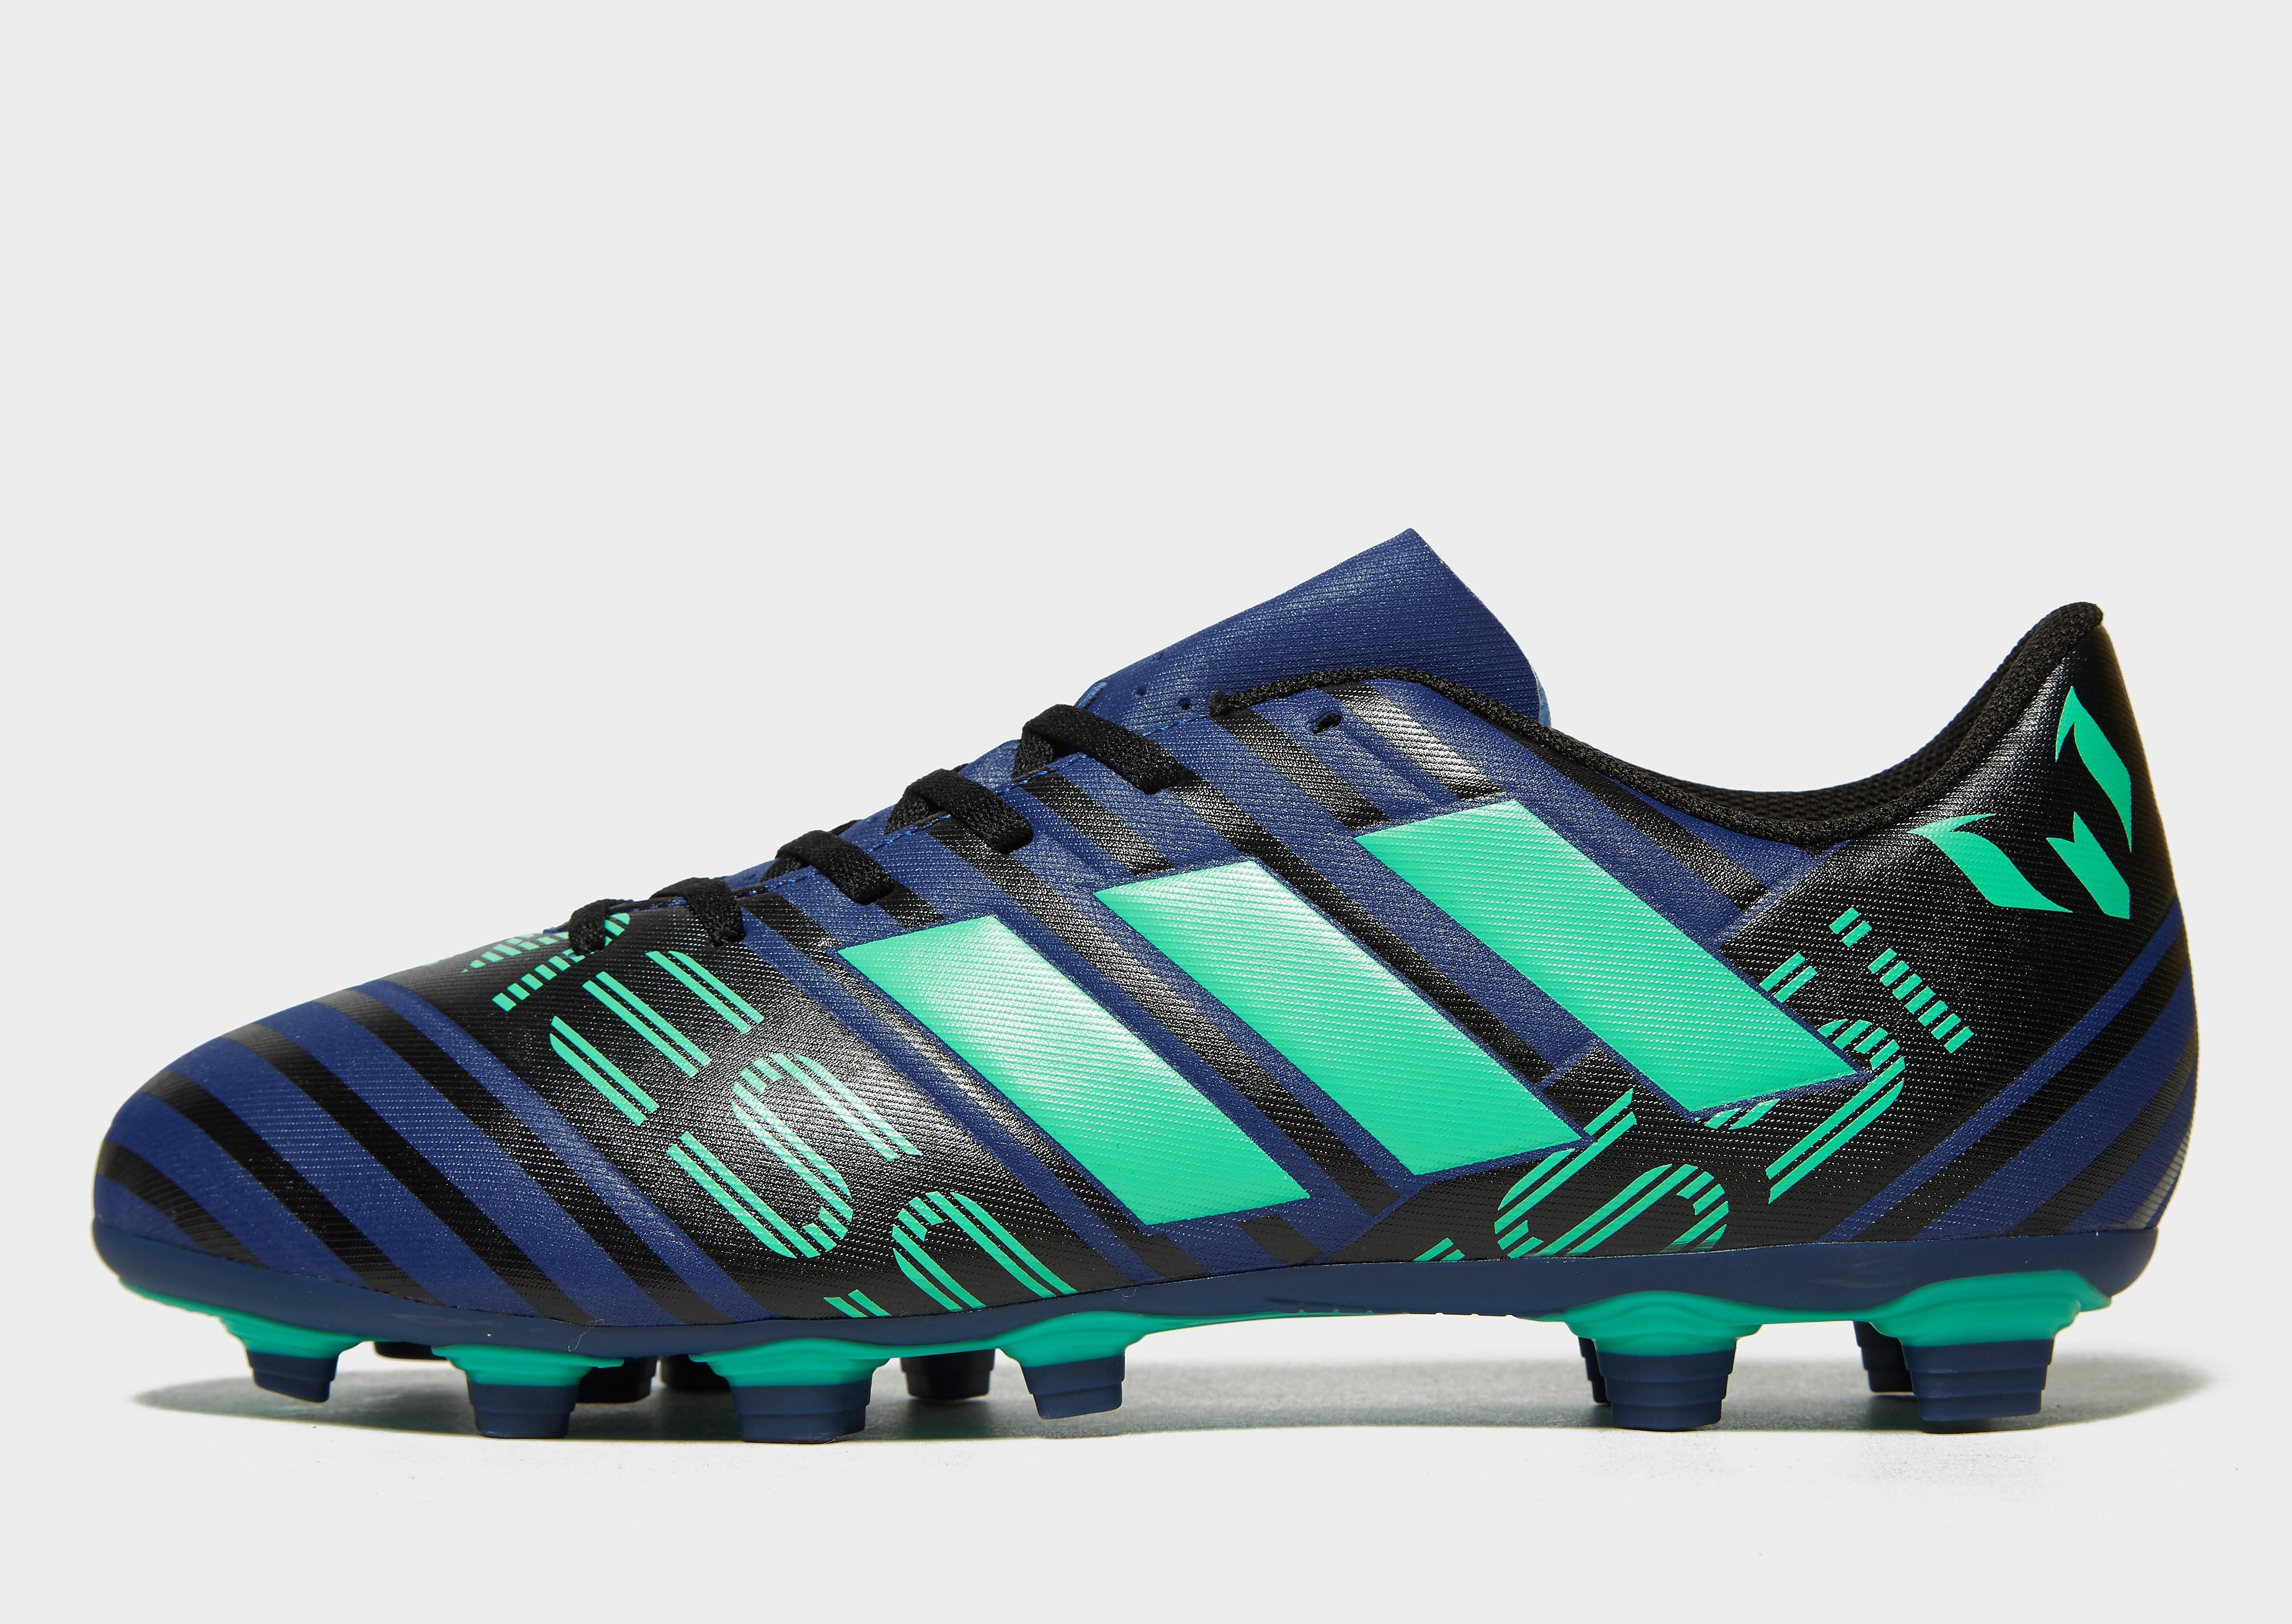 adidas Deadly Strike Nemeziz Messi 17.4 FG